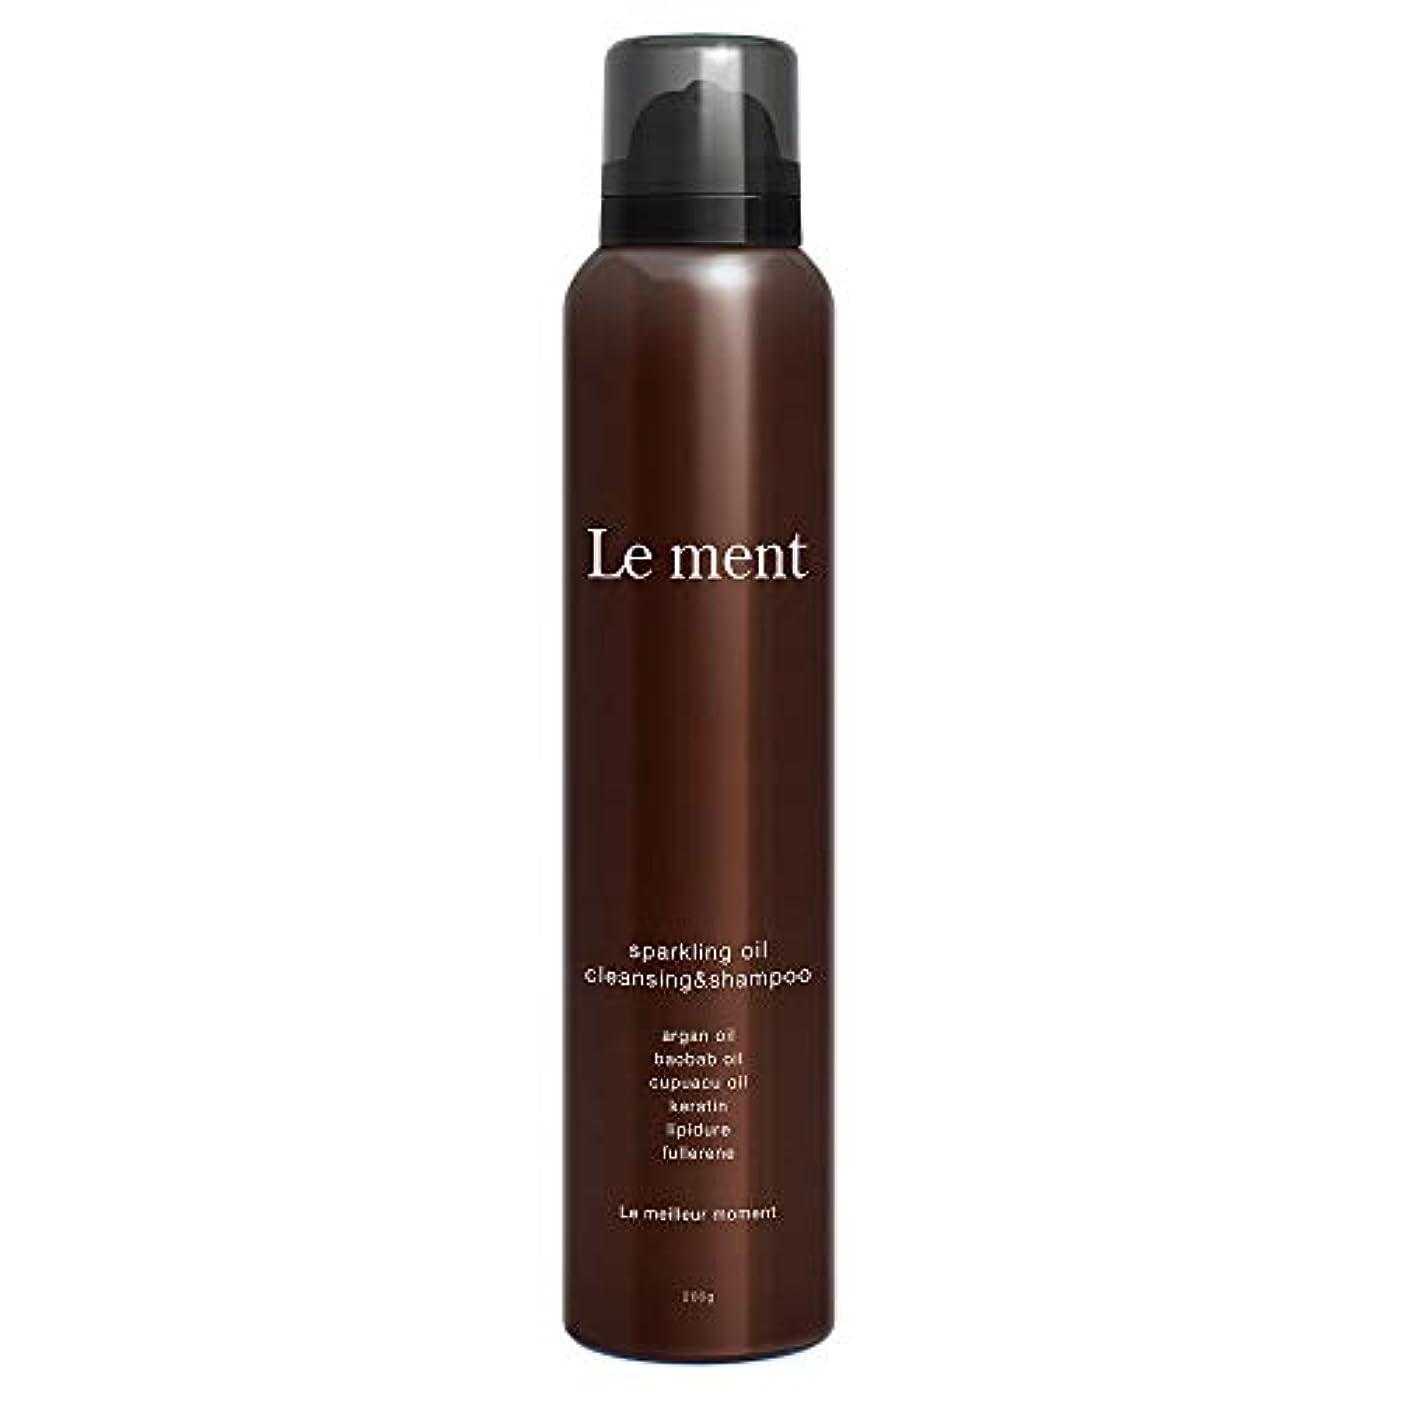 女性クリーナー以来Le ment -sparkling oil cleansing & shampoo -